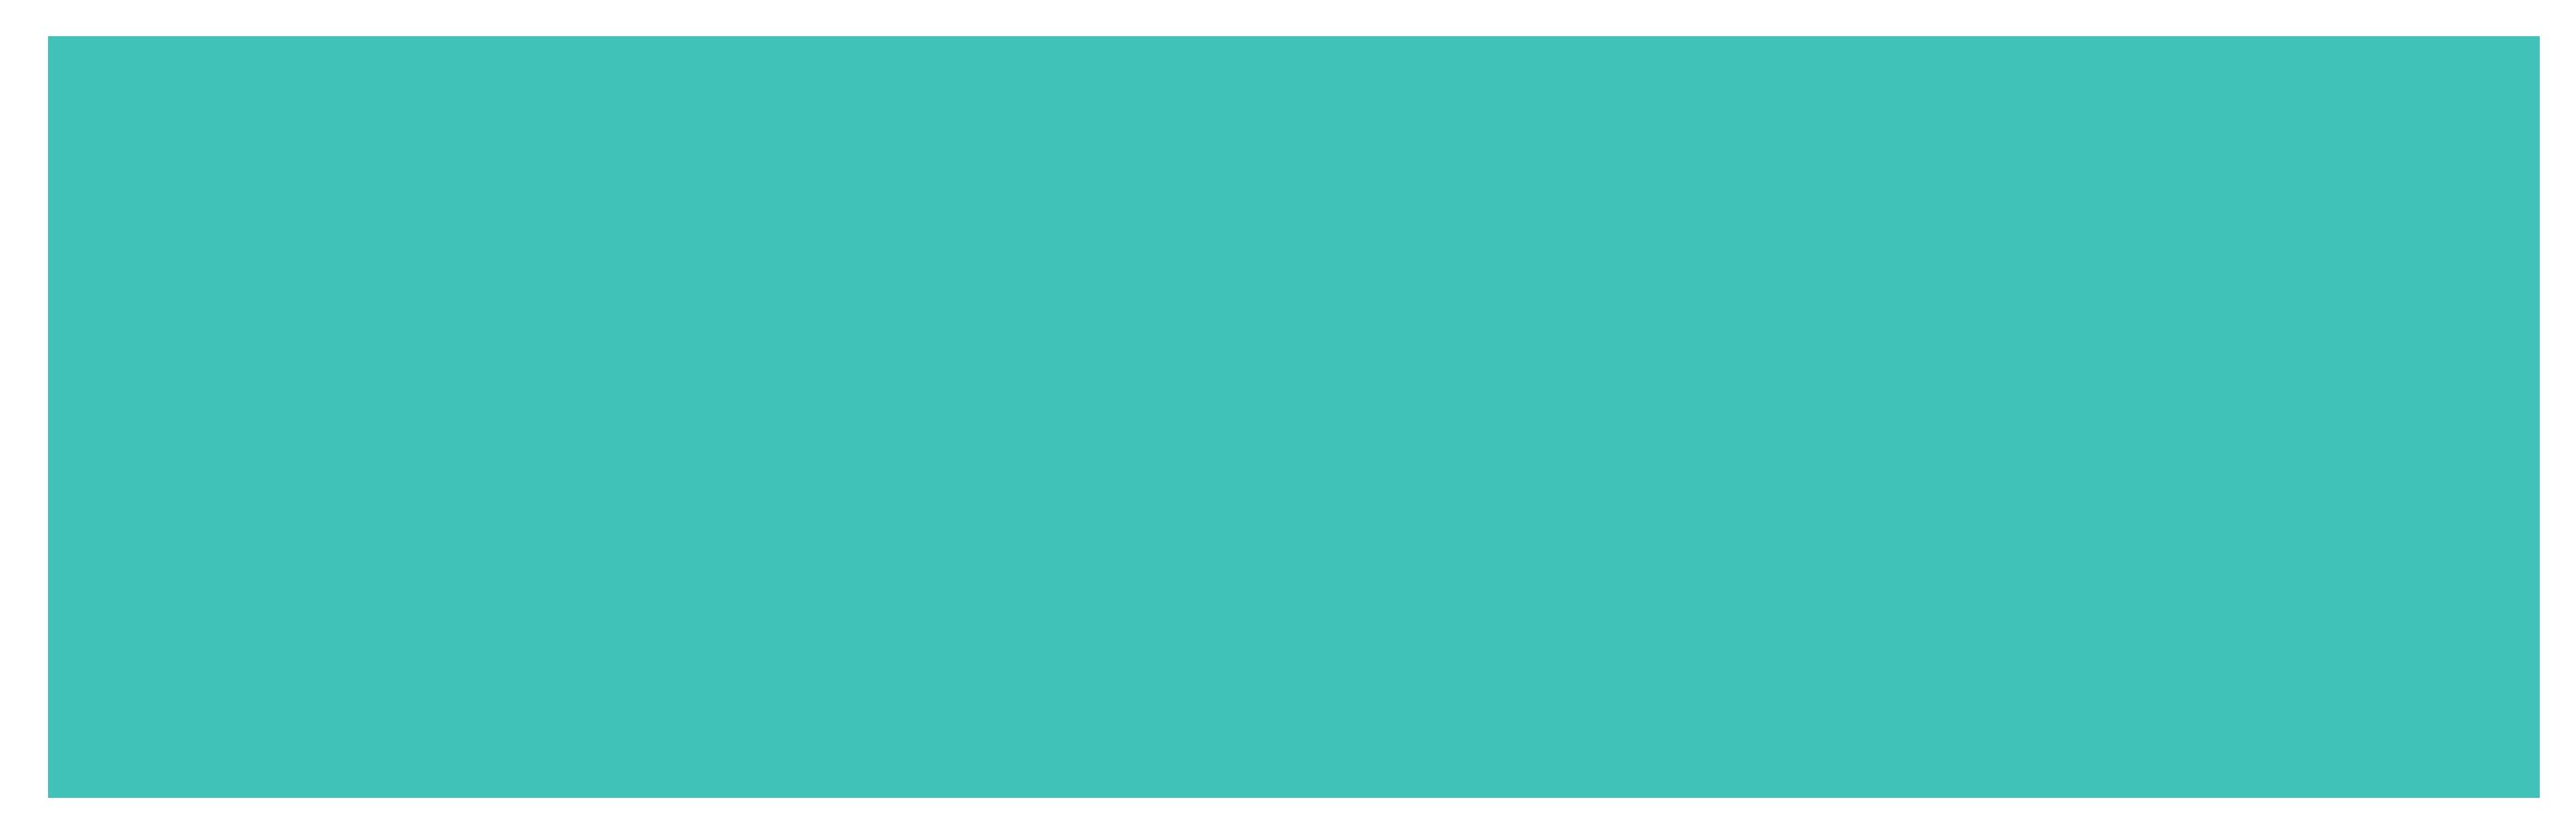 Worldwide-ivf-logo